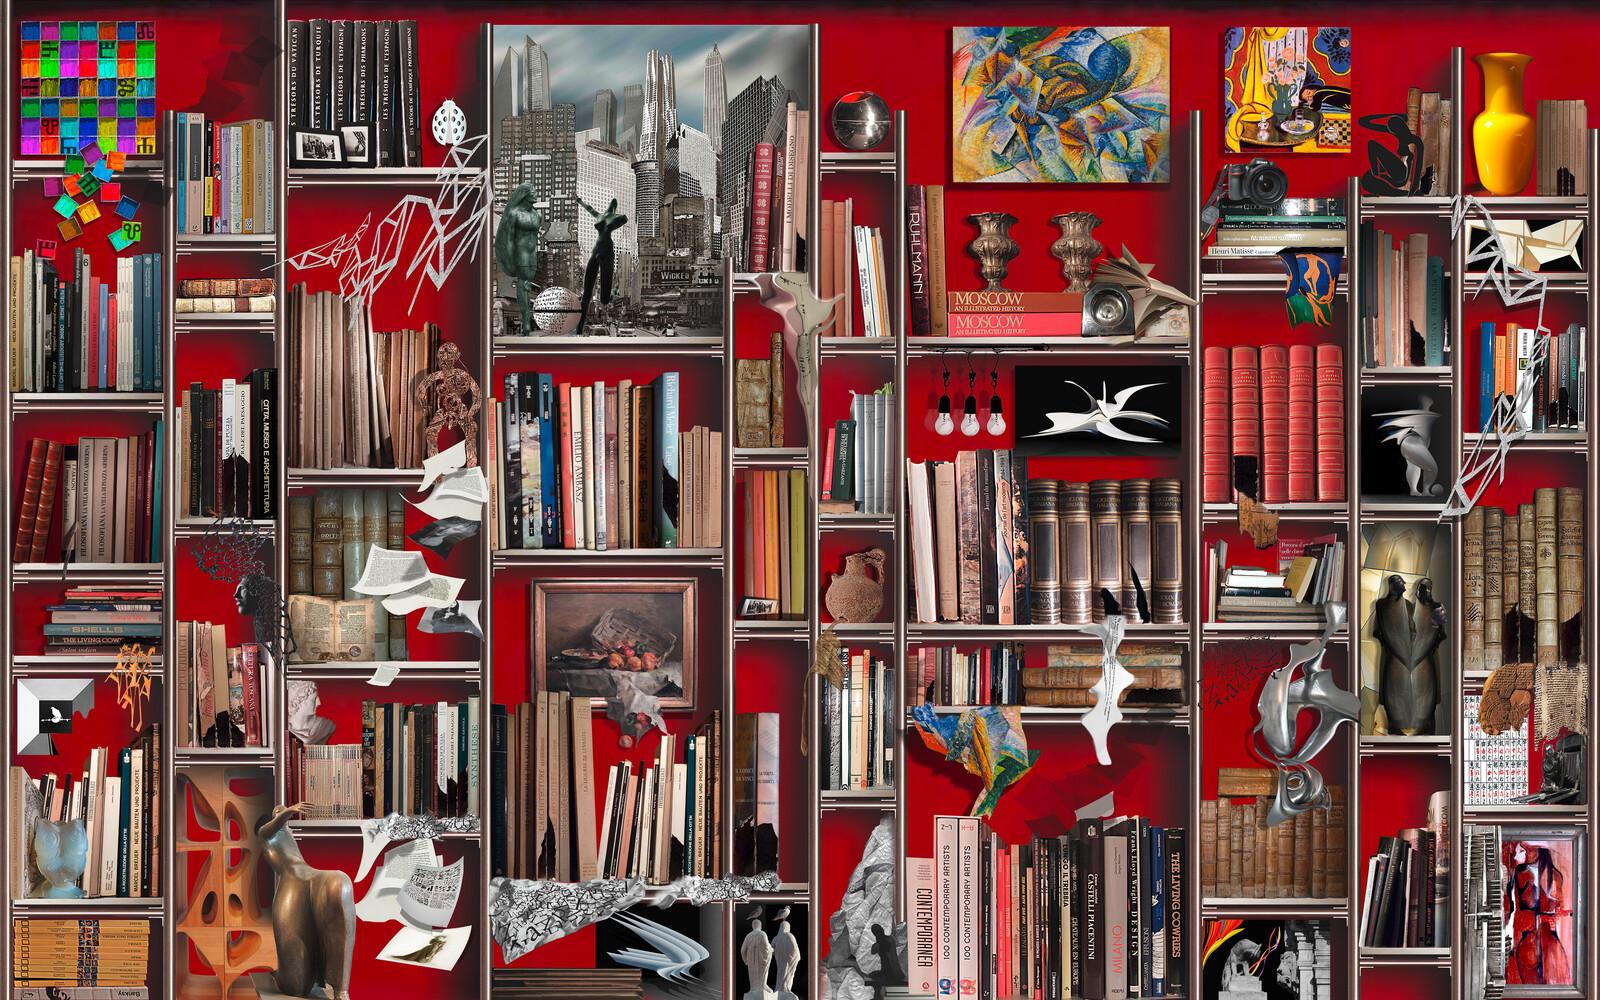 The dreamlike bookcase - Giorgio Lo Cascio